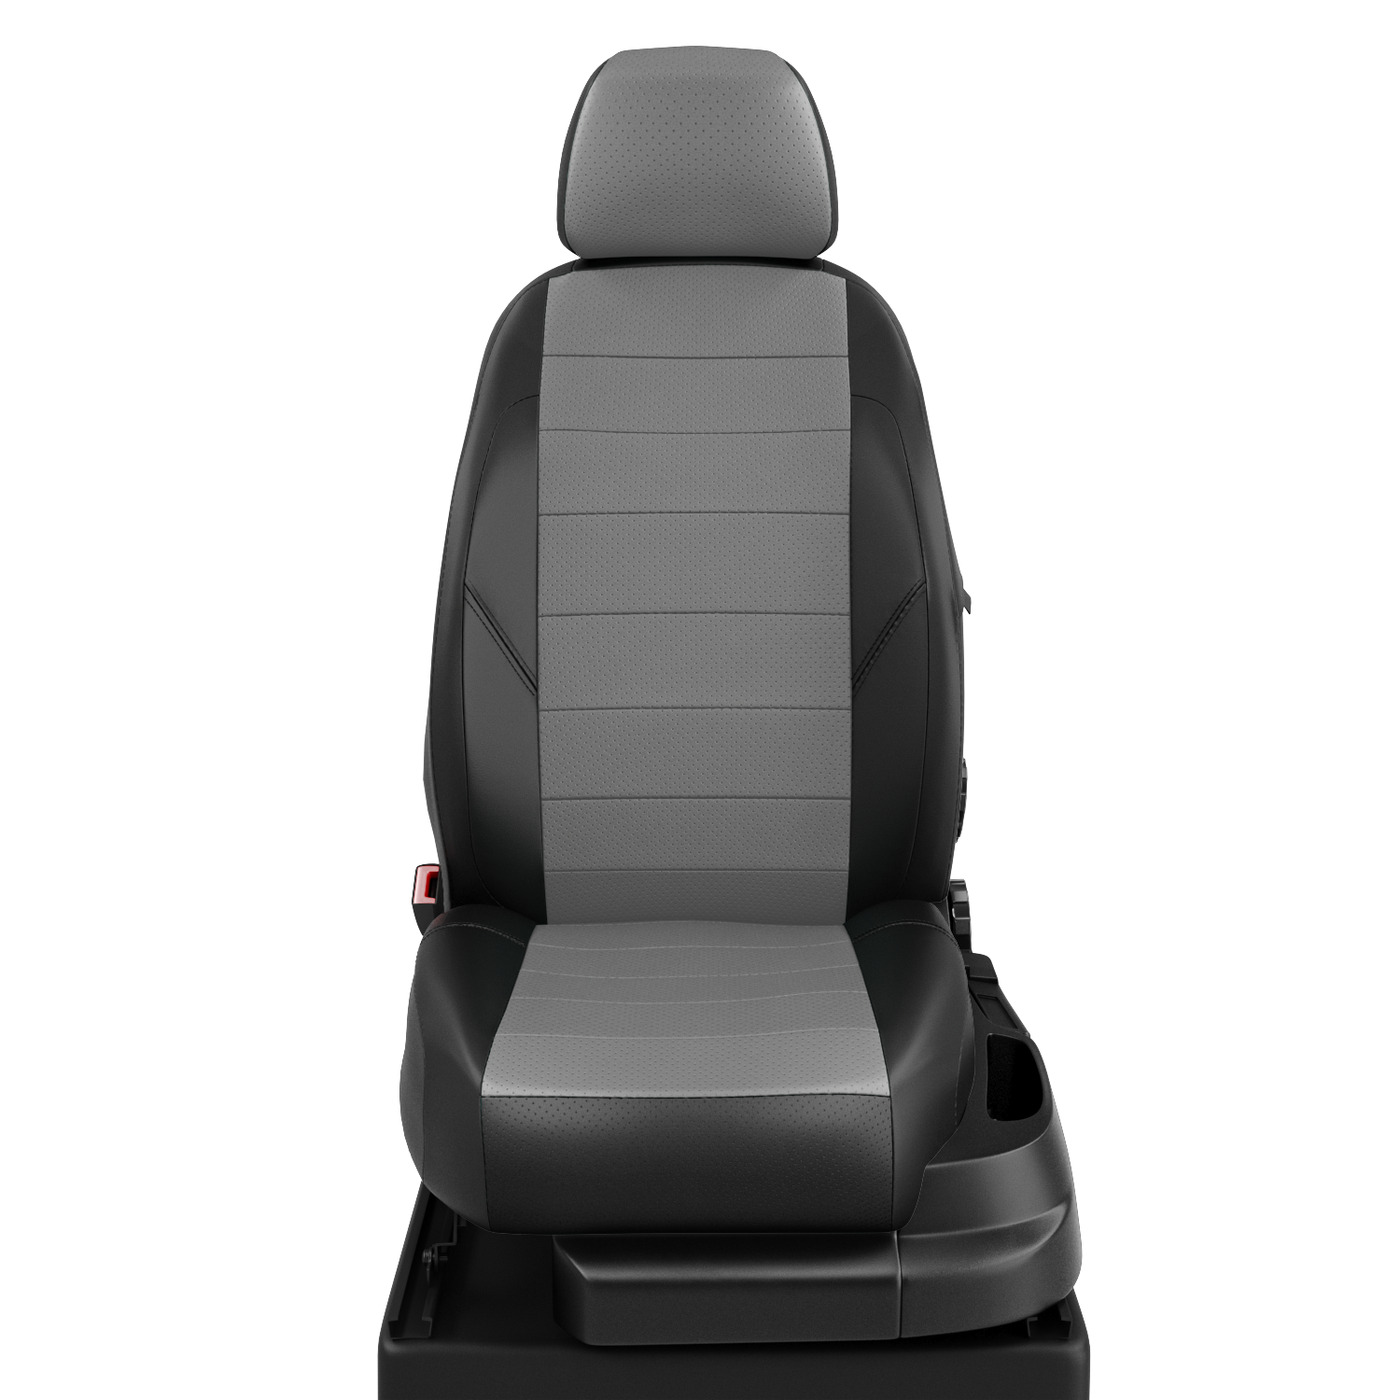 Авточехлы для Citroen C3 Mk 3 AirCross с 2016-н.в. хэтчбек 5дв Задняя спинка 40 на 20 на 40, сиденье 40 на 60, подлокотник в водительской спинке, 5 подголовников (Ситроен Ц3).